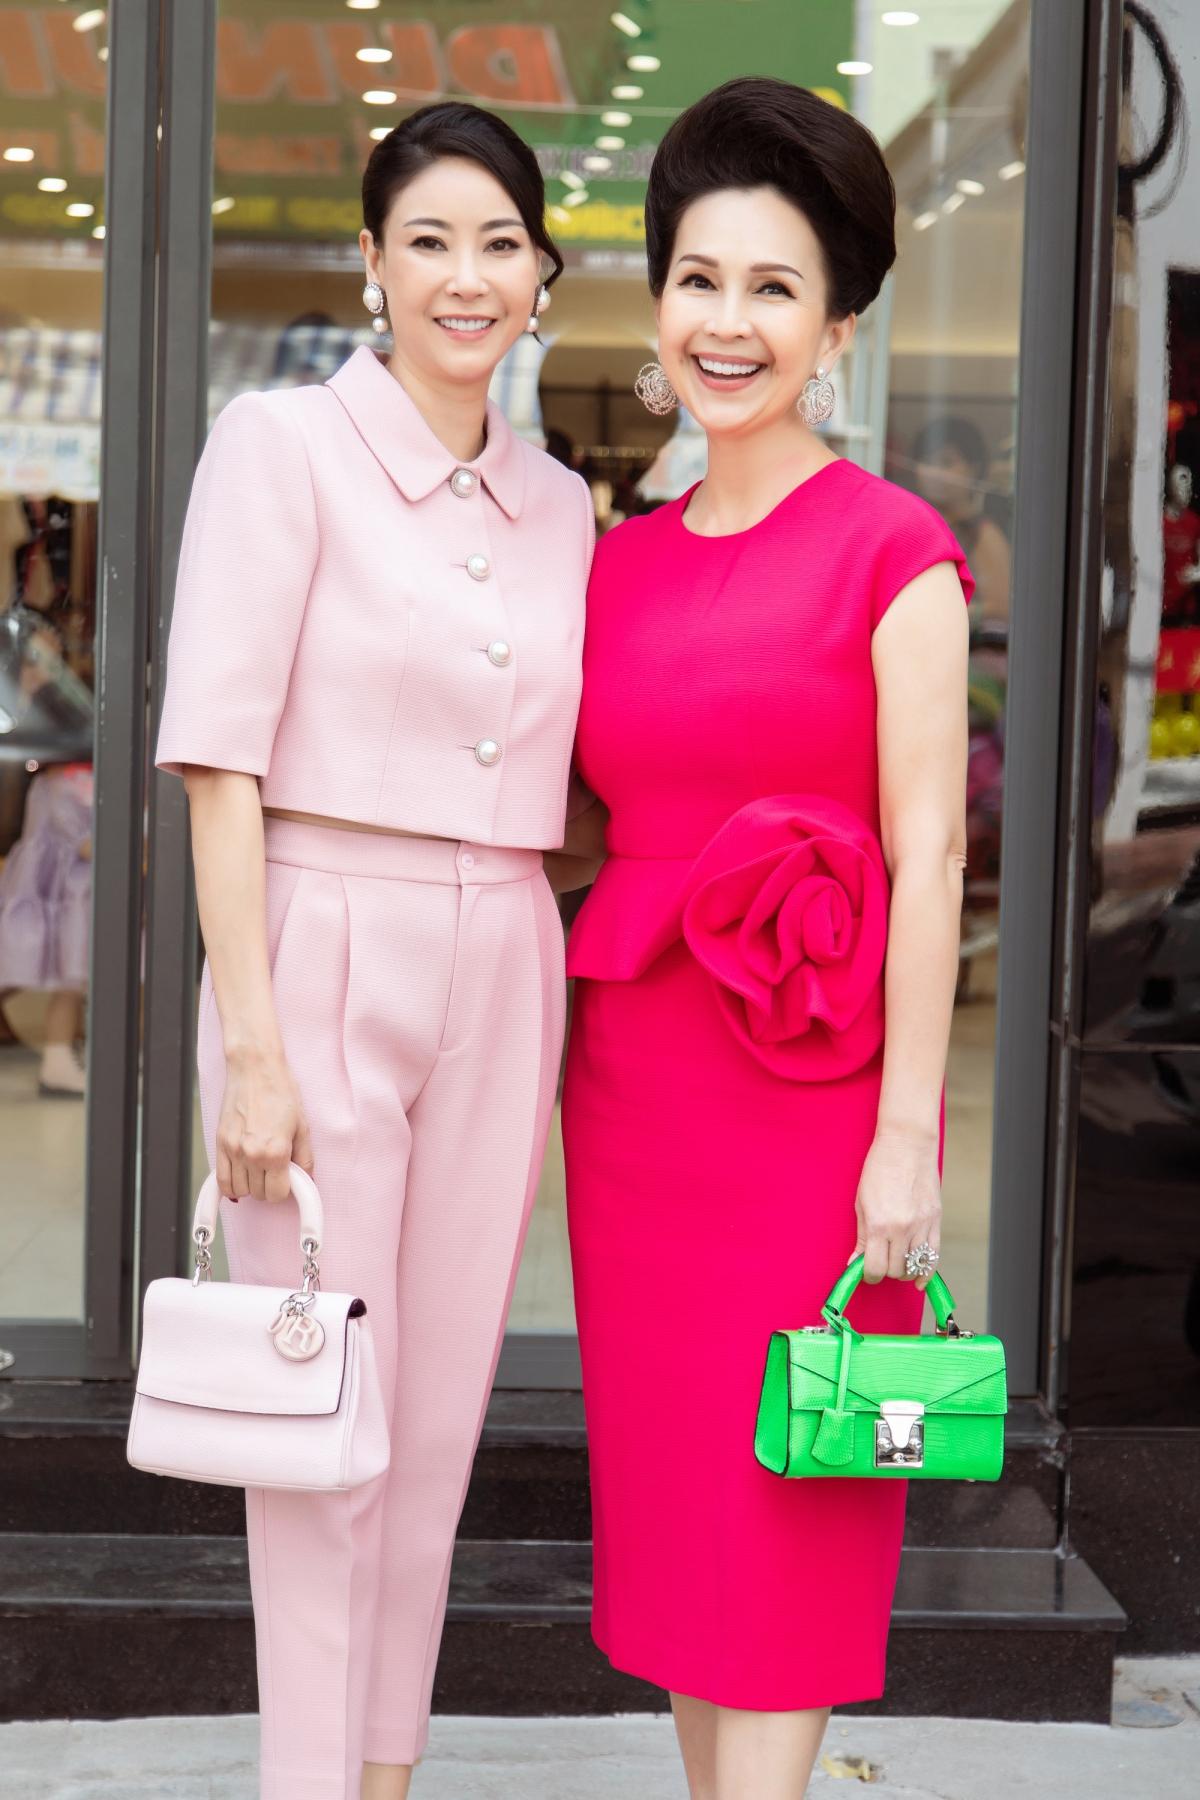 Mới đây, Hoa hậu Hà Kiều Anh và diễn viên Diễm My là tâm điểm chú ý khi tham dự một sự kiện thời trang ở thành phố Vũng Tàu.